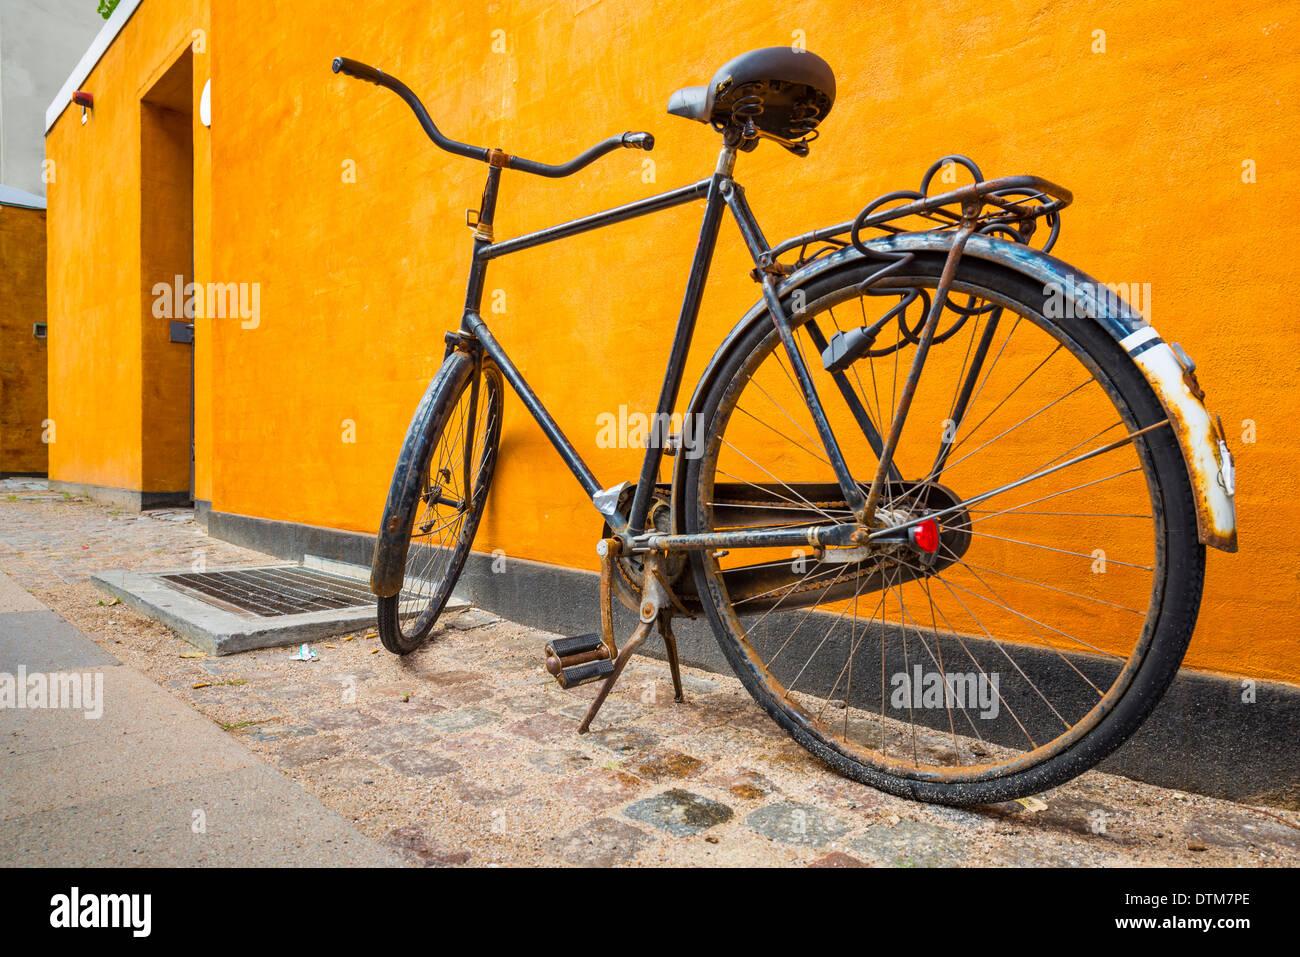 A bike on the sidewalk in Copenhagen, Denmark. - Stock Image